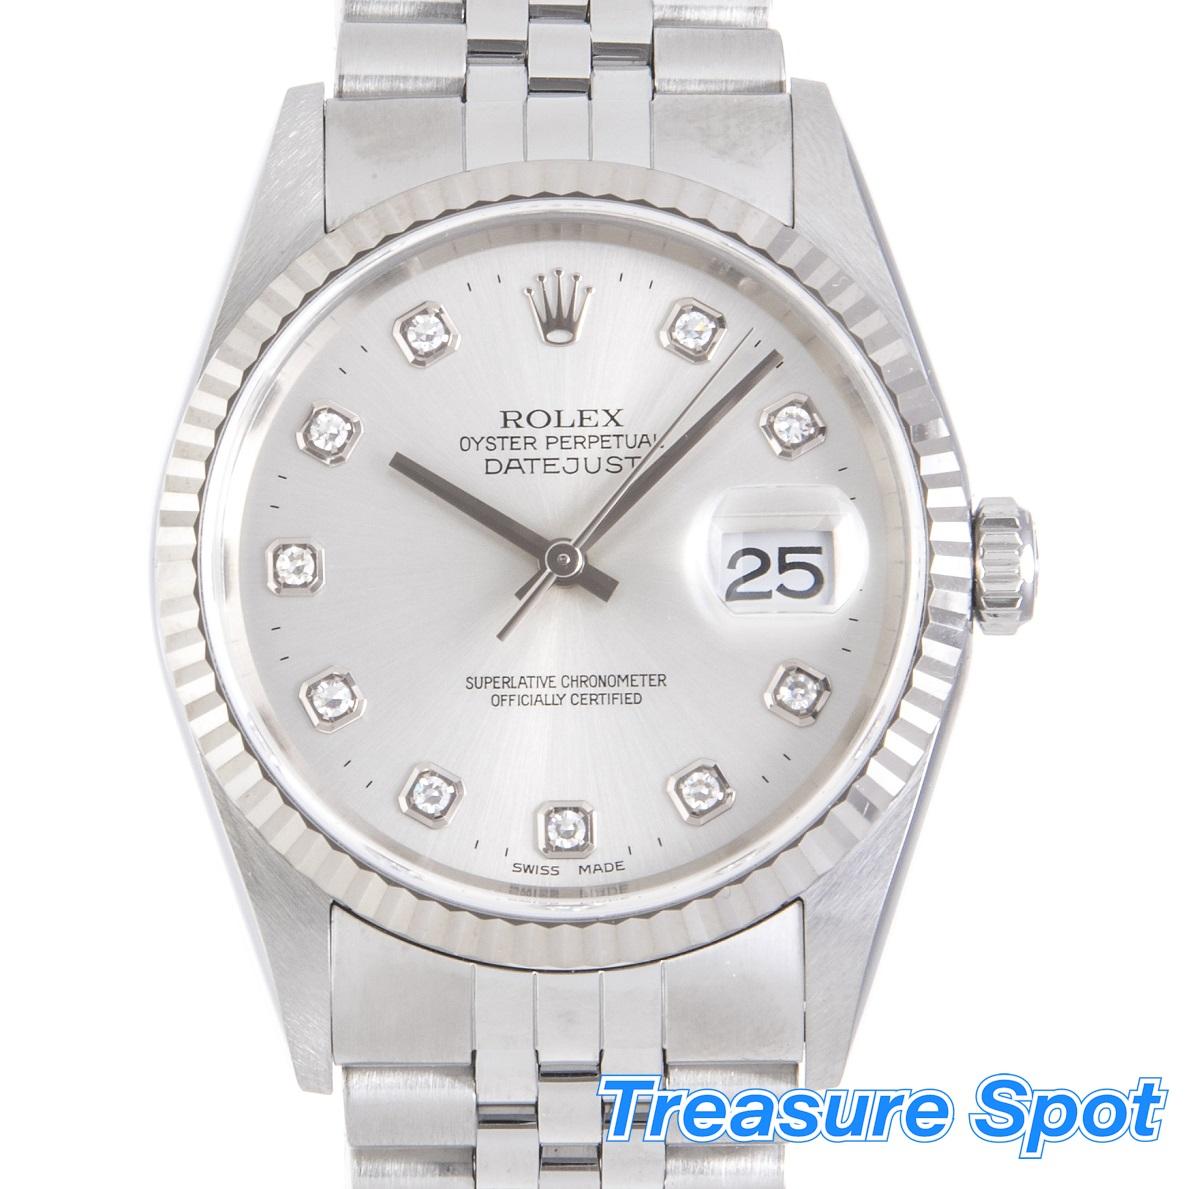 ROLEX ロレックス デイトジャスト 16234G 10P ダイヤ SS×WG ステンレス×ホワイトゴールド メンズ 自動巻き AT 1999年 美品 新品同様品 メンズ 腕時計 送料無料 【トレジャースポット】【中古】